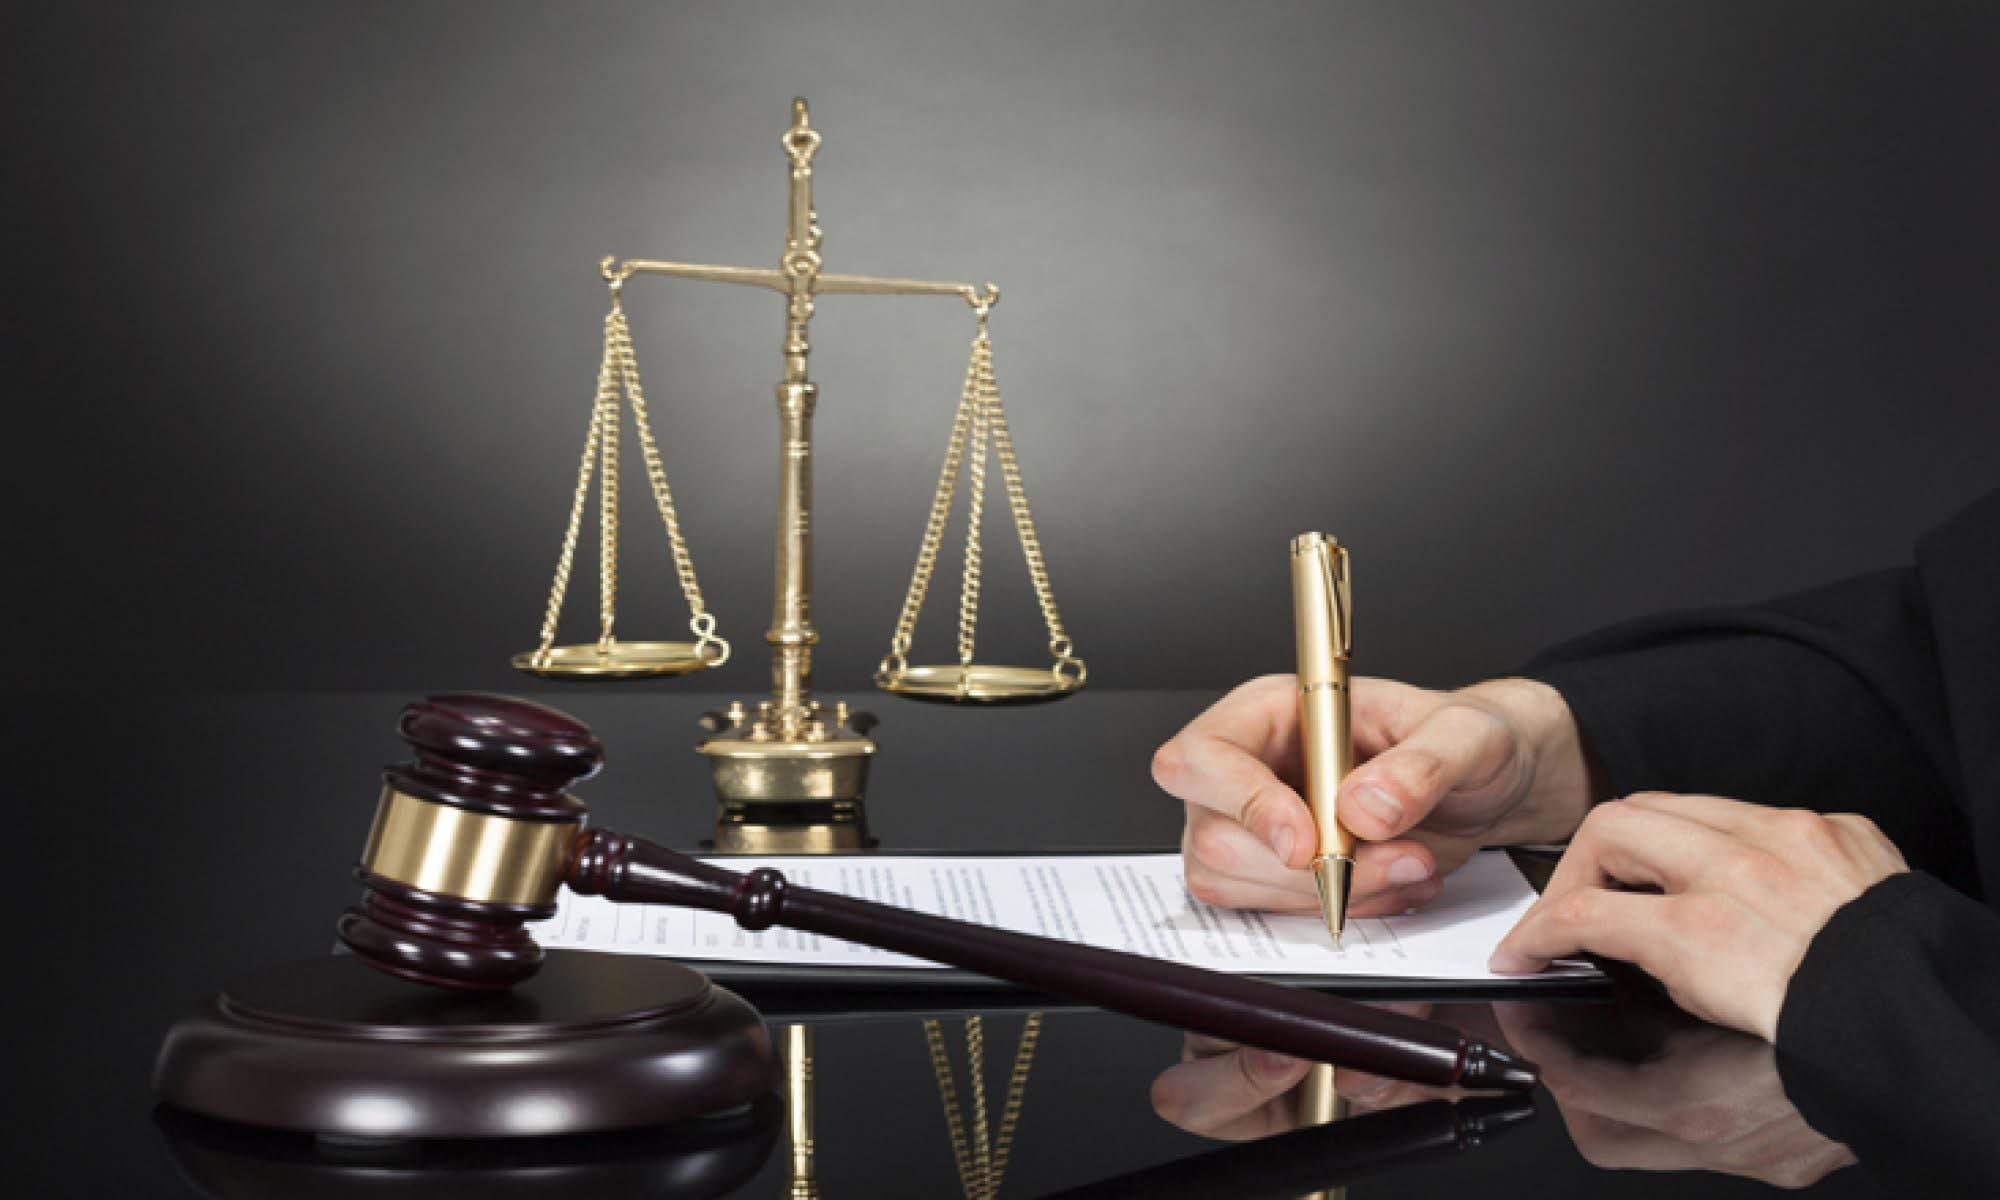 در دادگاه های عمومی معمولا یک قاضی حضور دارد